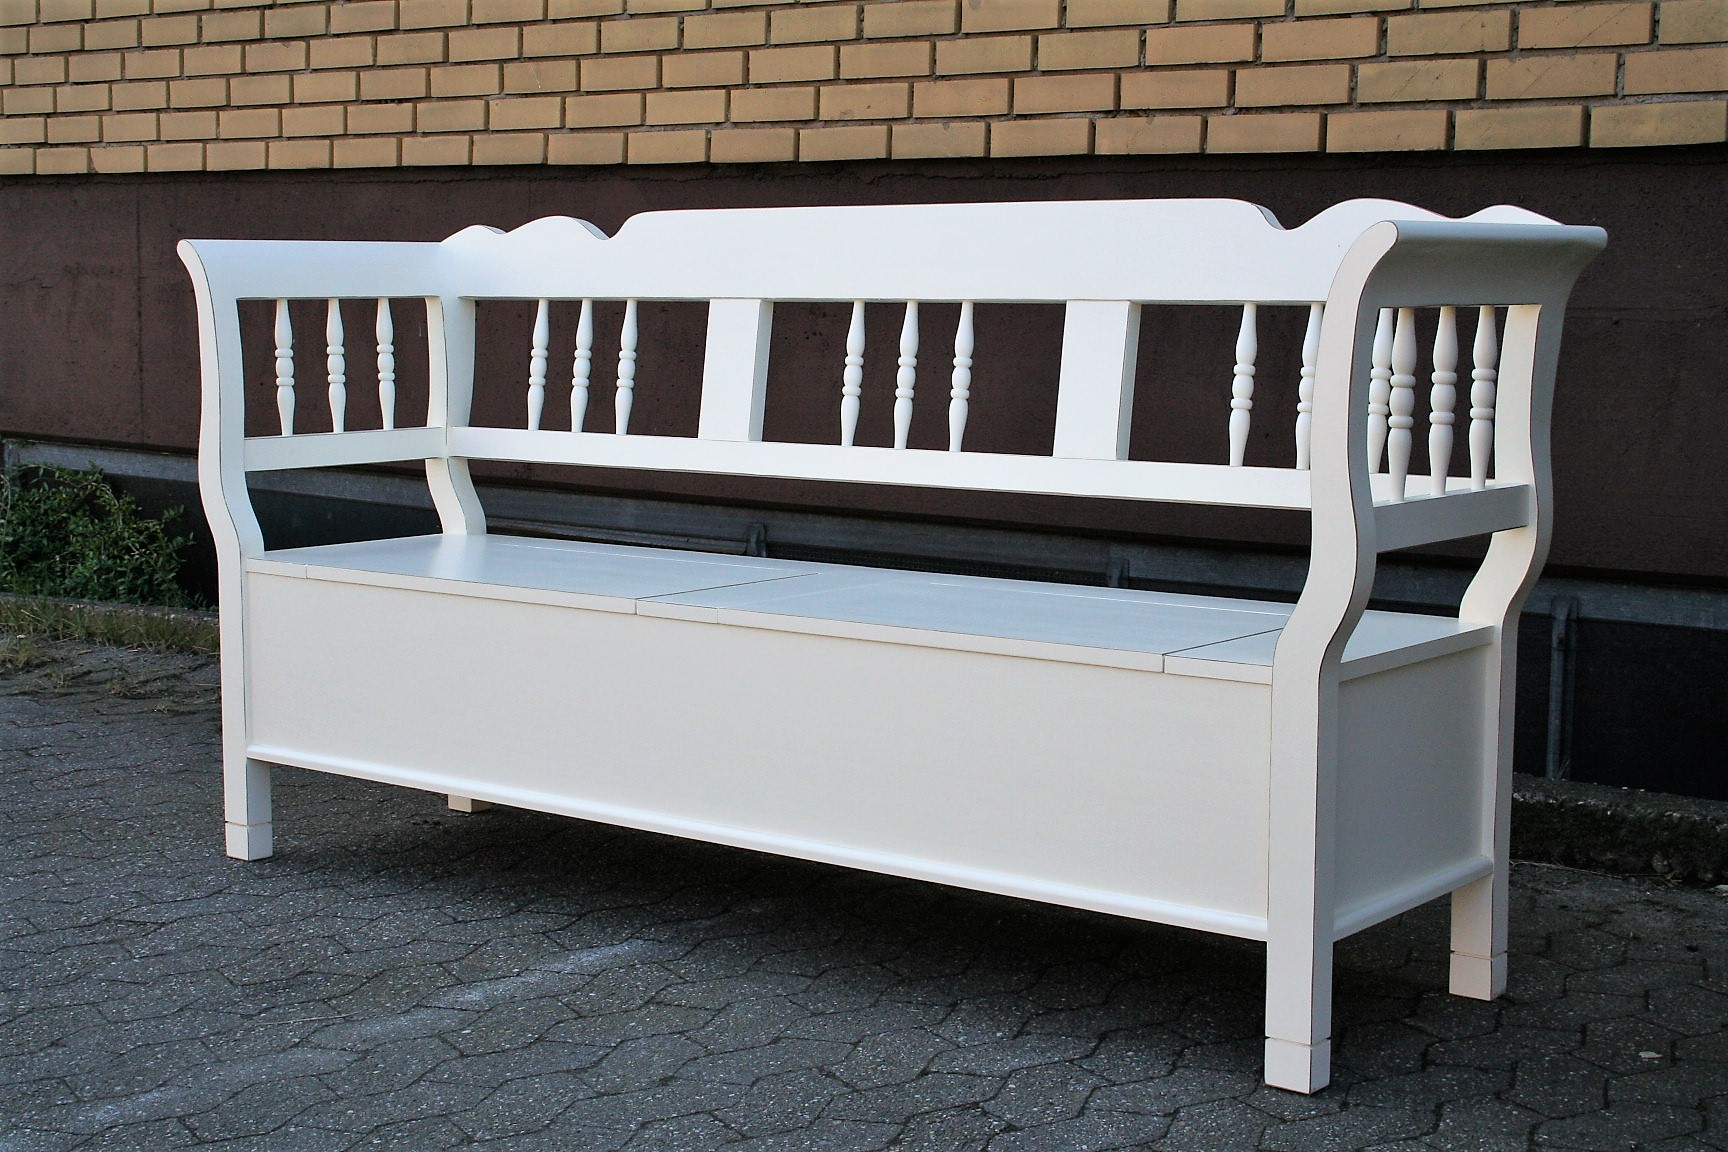 Holzbnke Fr Innen Top Luxus Bank Furniture With Holzbnke Fr Innen